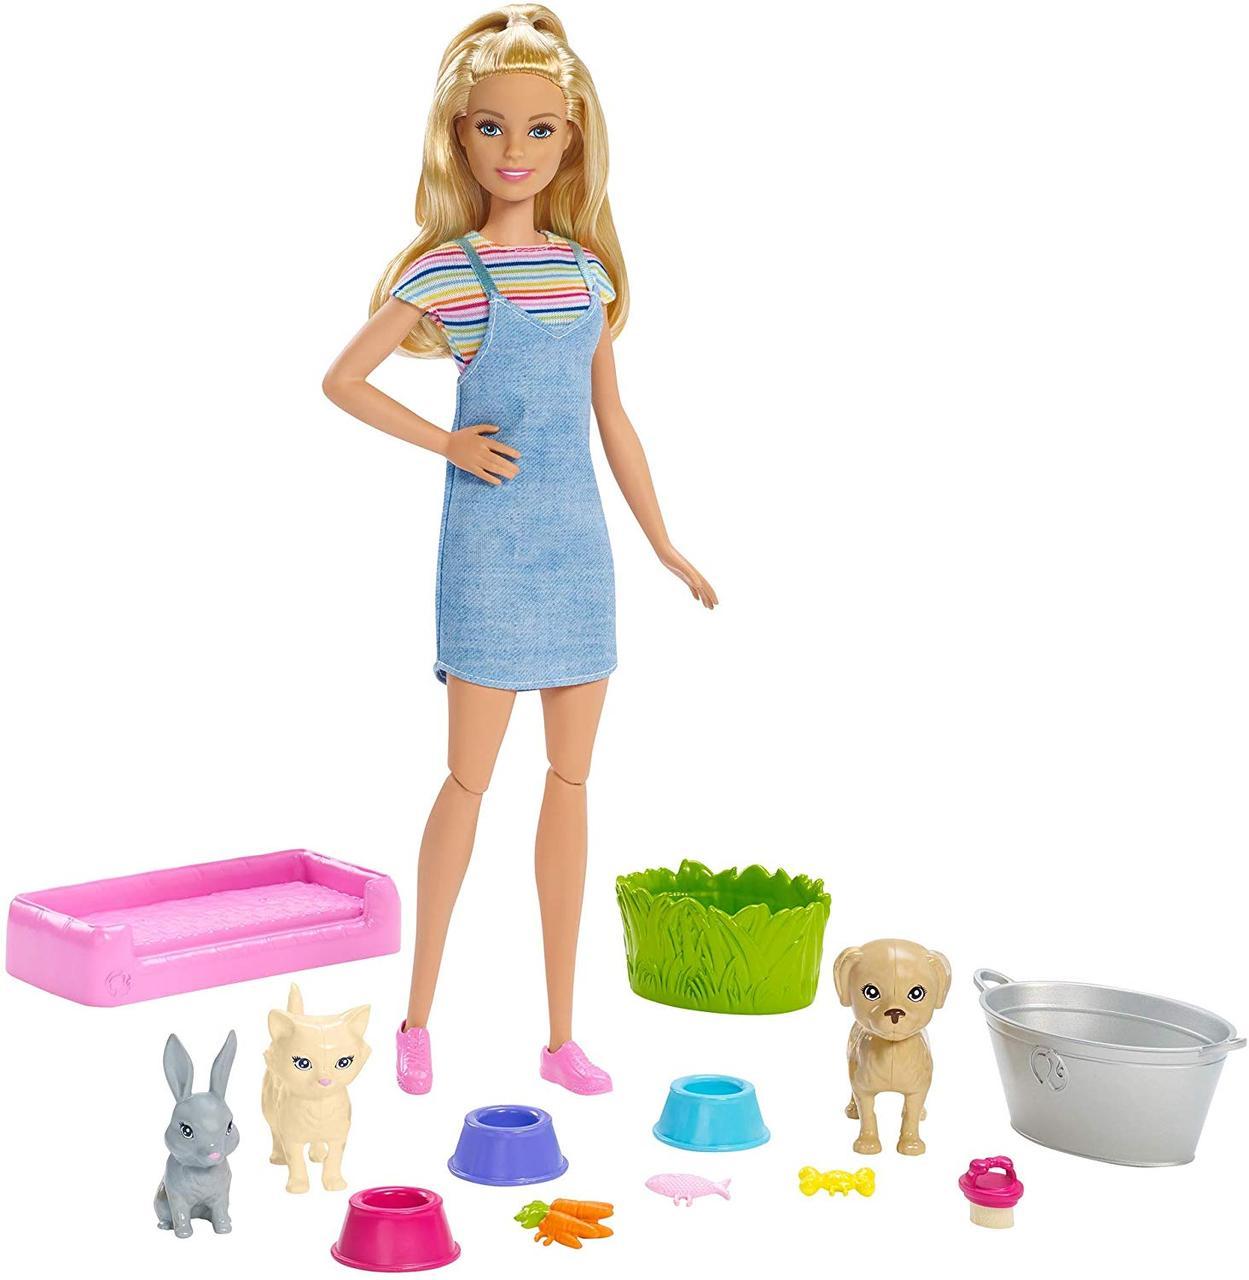 """Игровой набор Барби """"Купай и играй"""", Barbie Play 'N' Wash Pets Doll, Mattel Оригинал из США"""